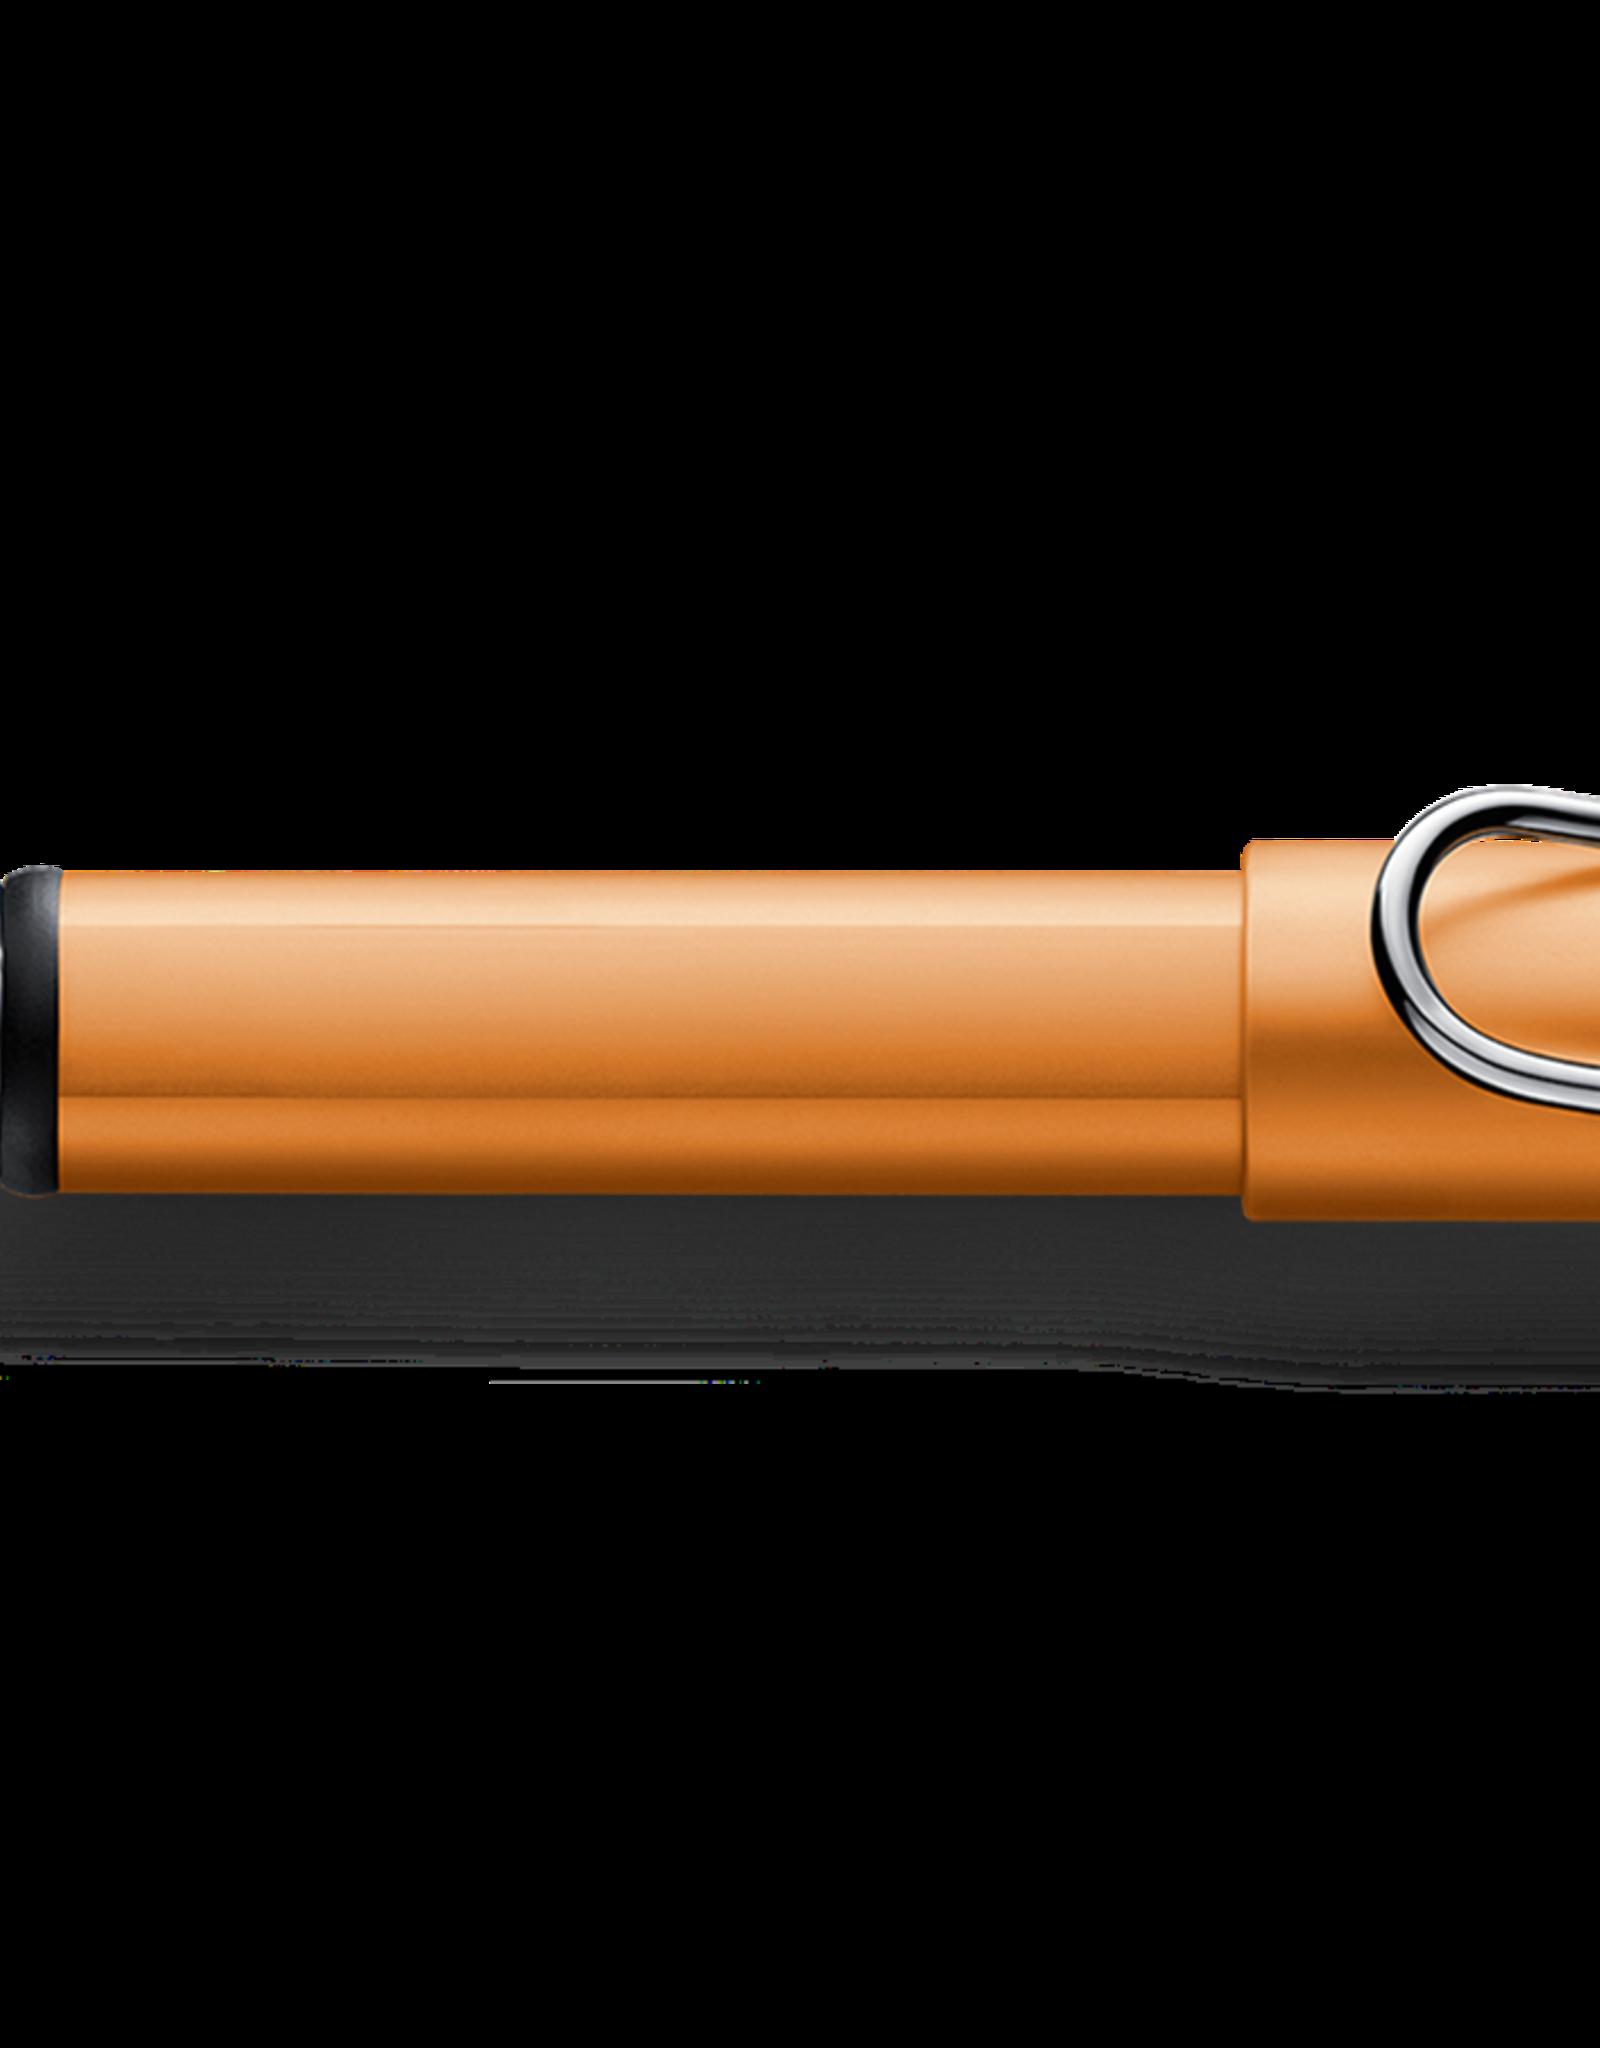 Lamy Lamy Al-Star Rollerball Pen